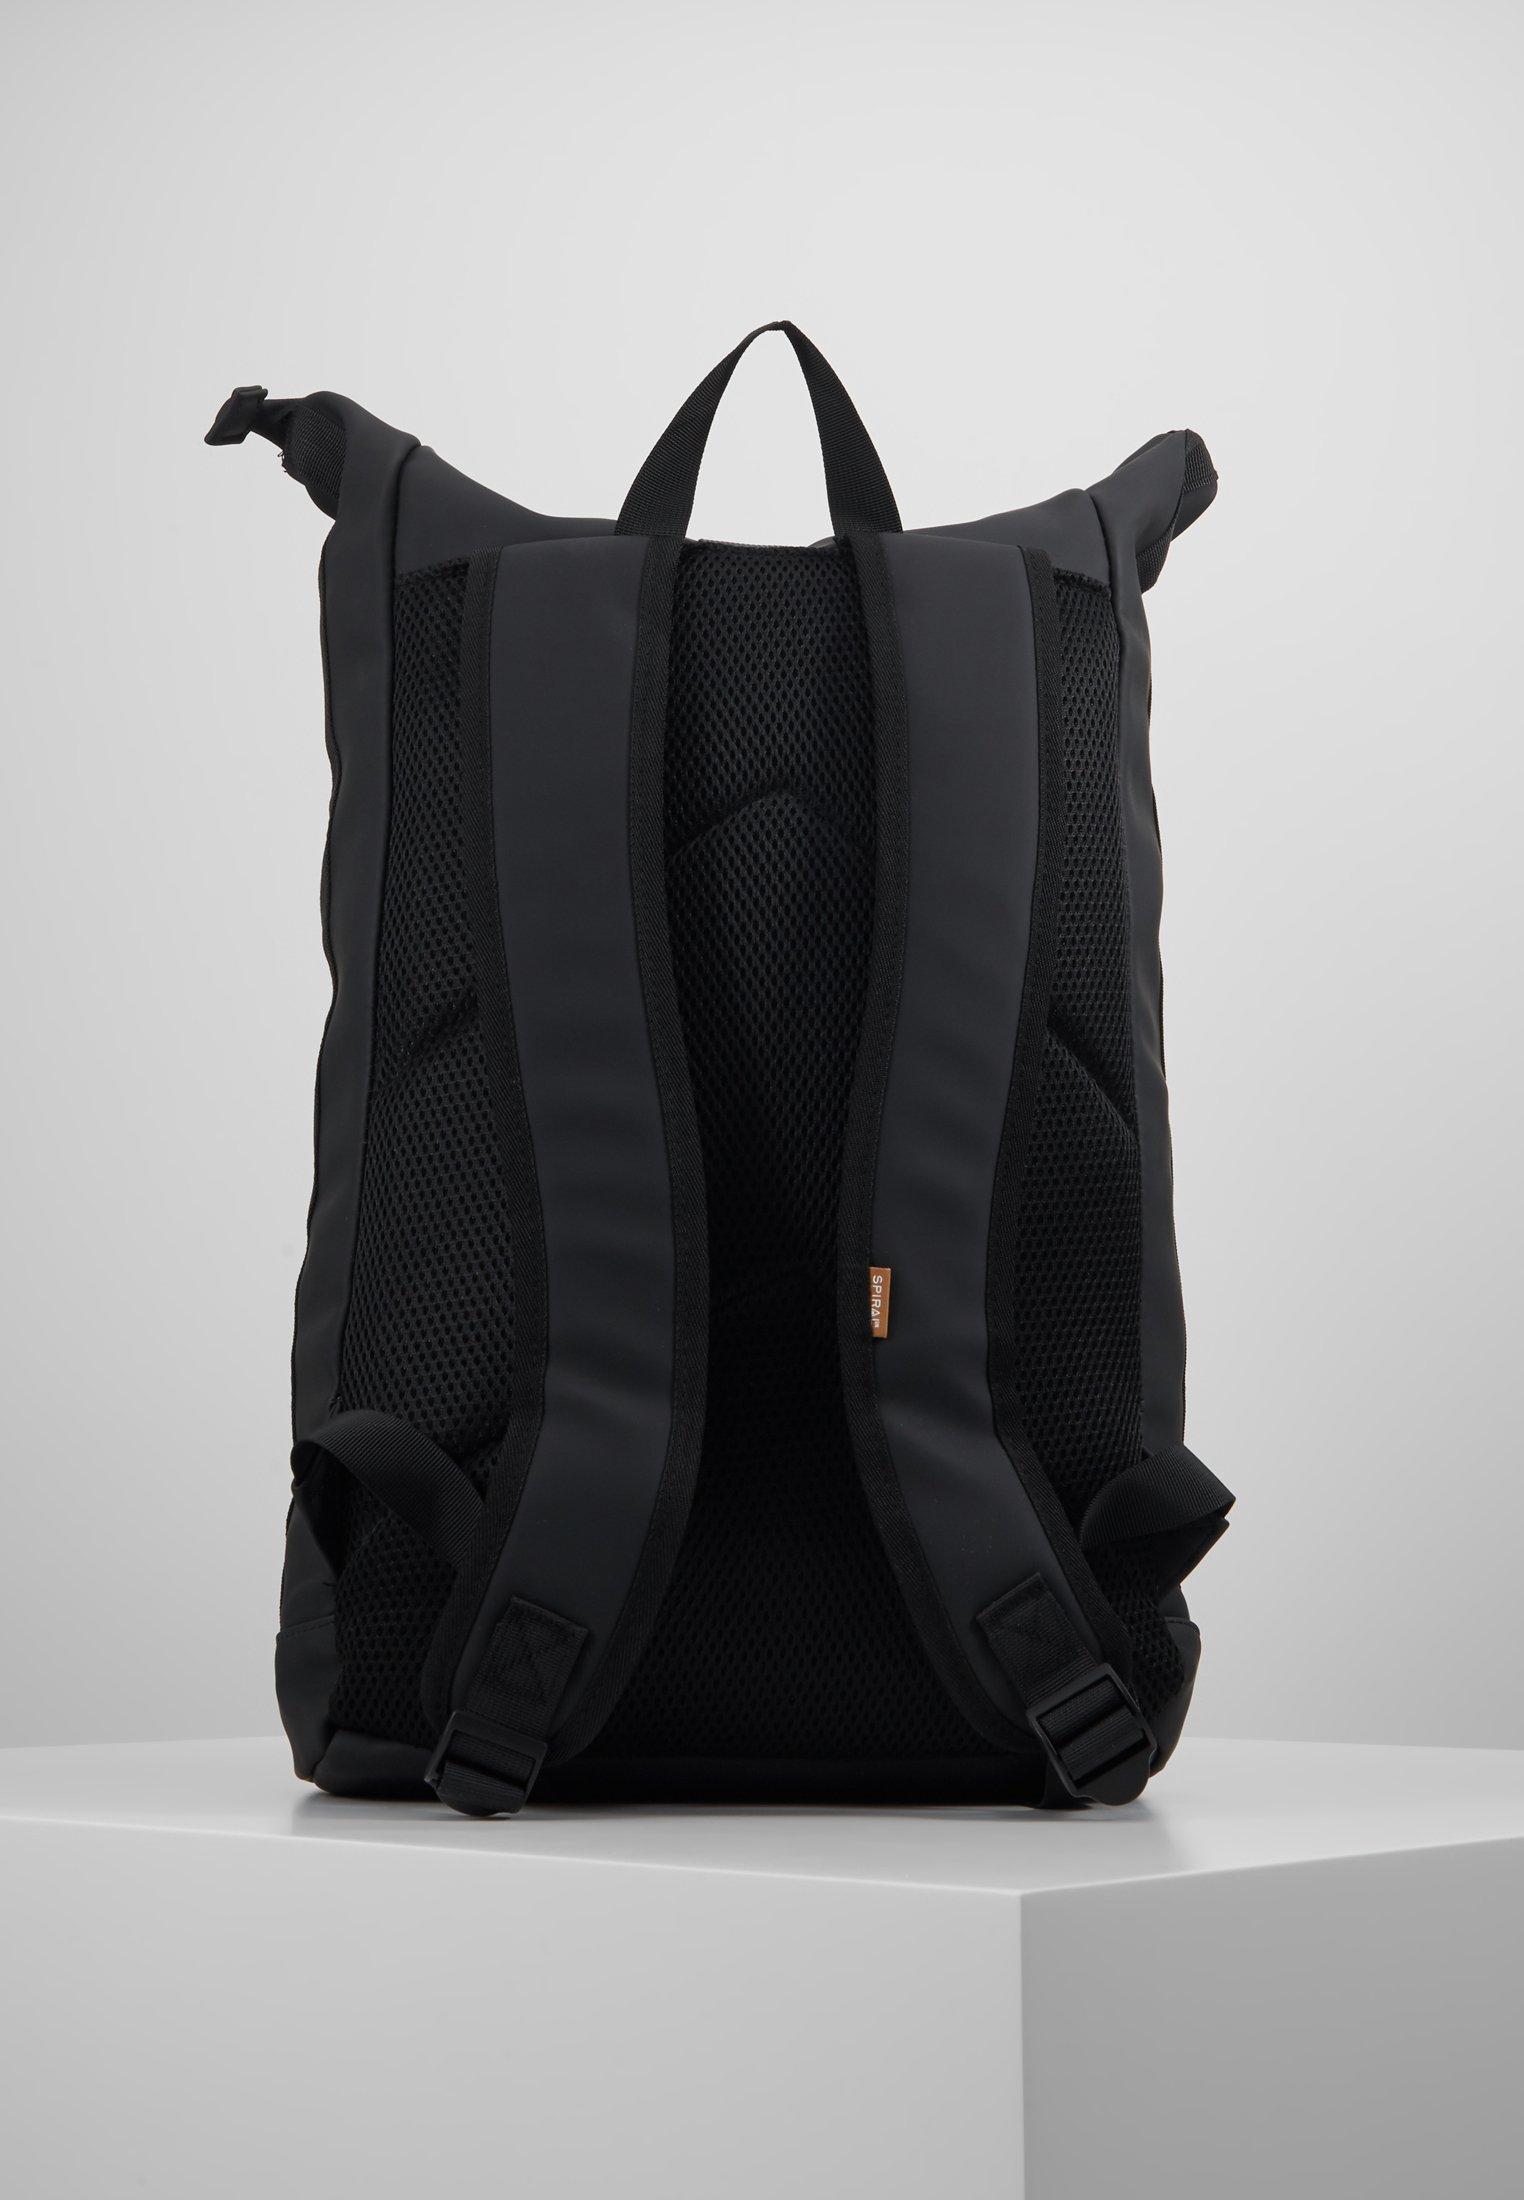 Spiral Bags STADIUM - Tagesrucksack - black/schwarz - Herrentaschen 1mHzI